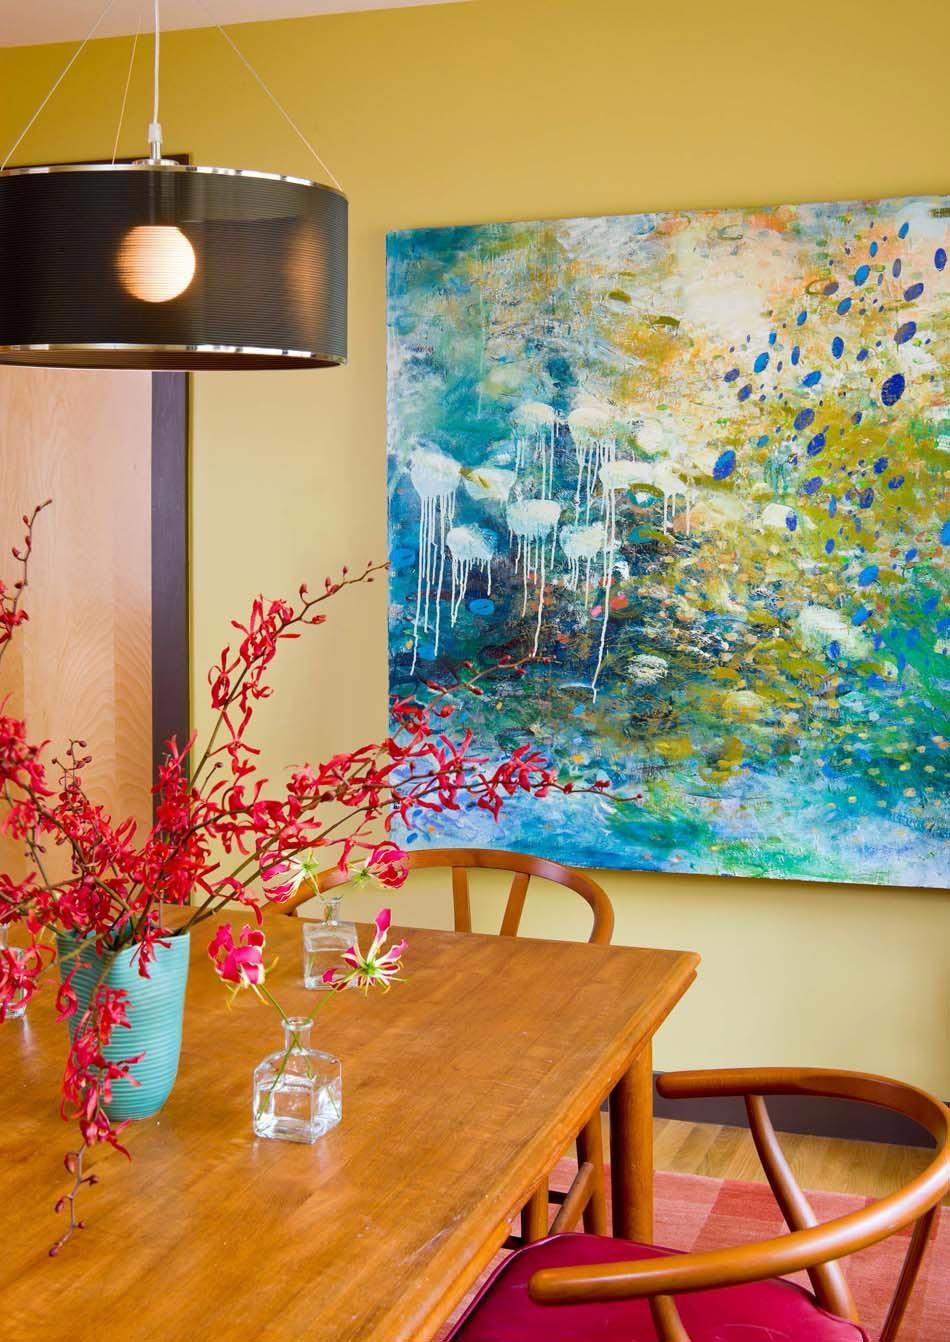 Le tableau d co embellit les murs et transforme l ambiance for Interieur artistique